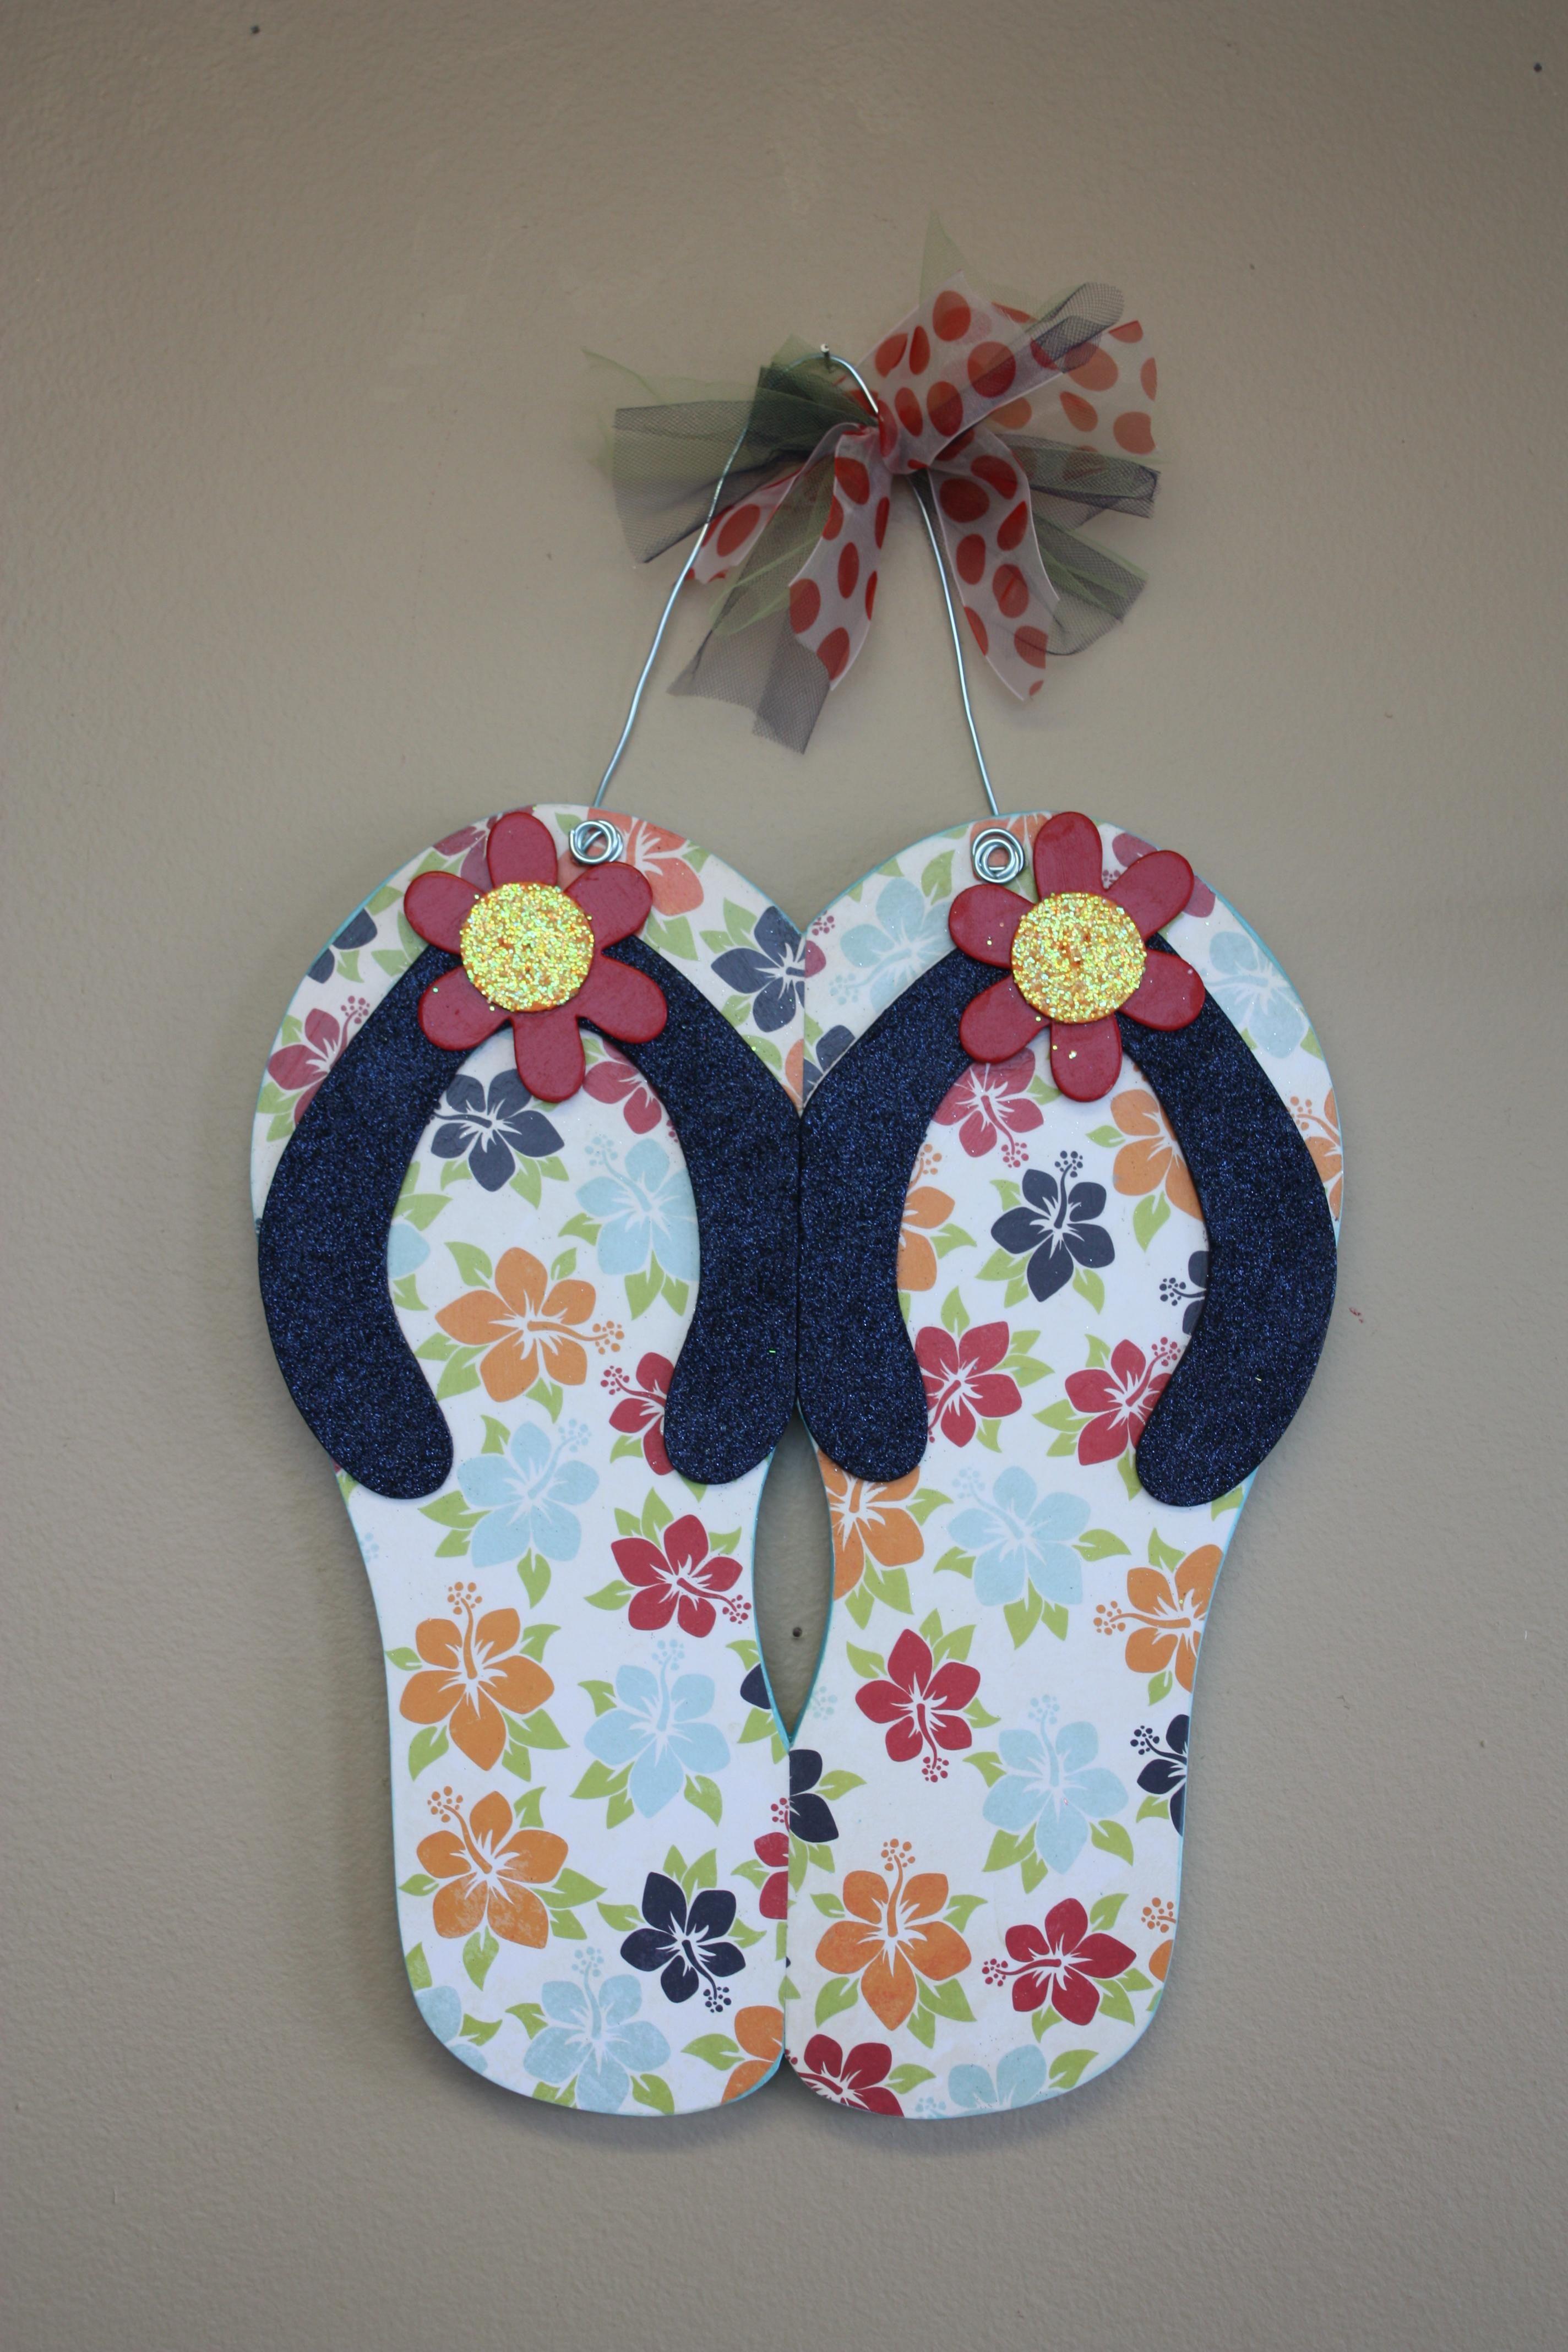 Hanging Flip Flops Crafts